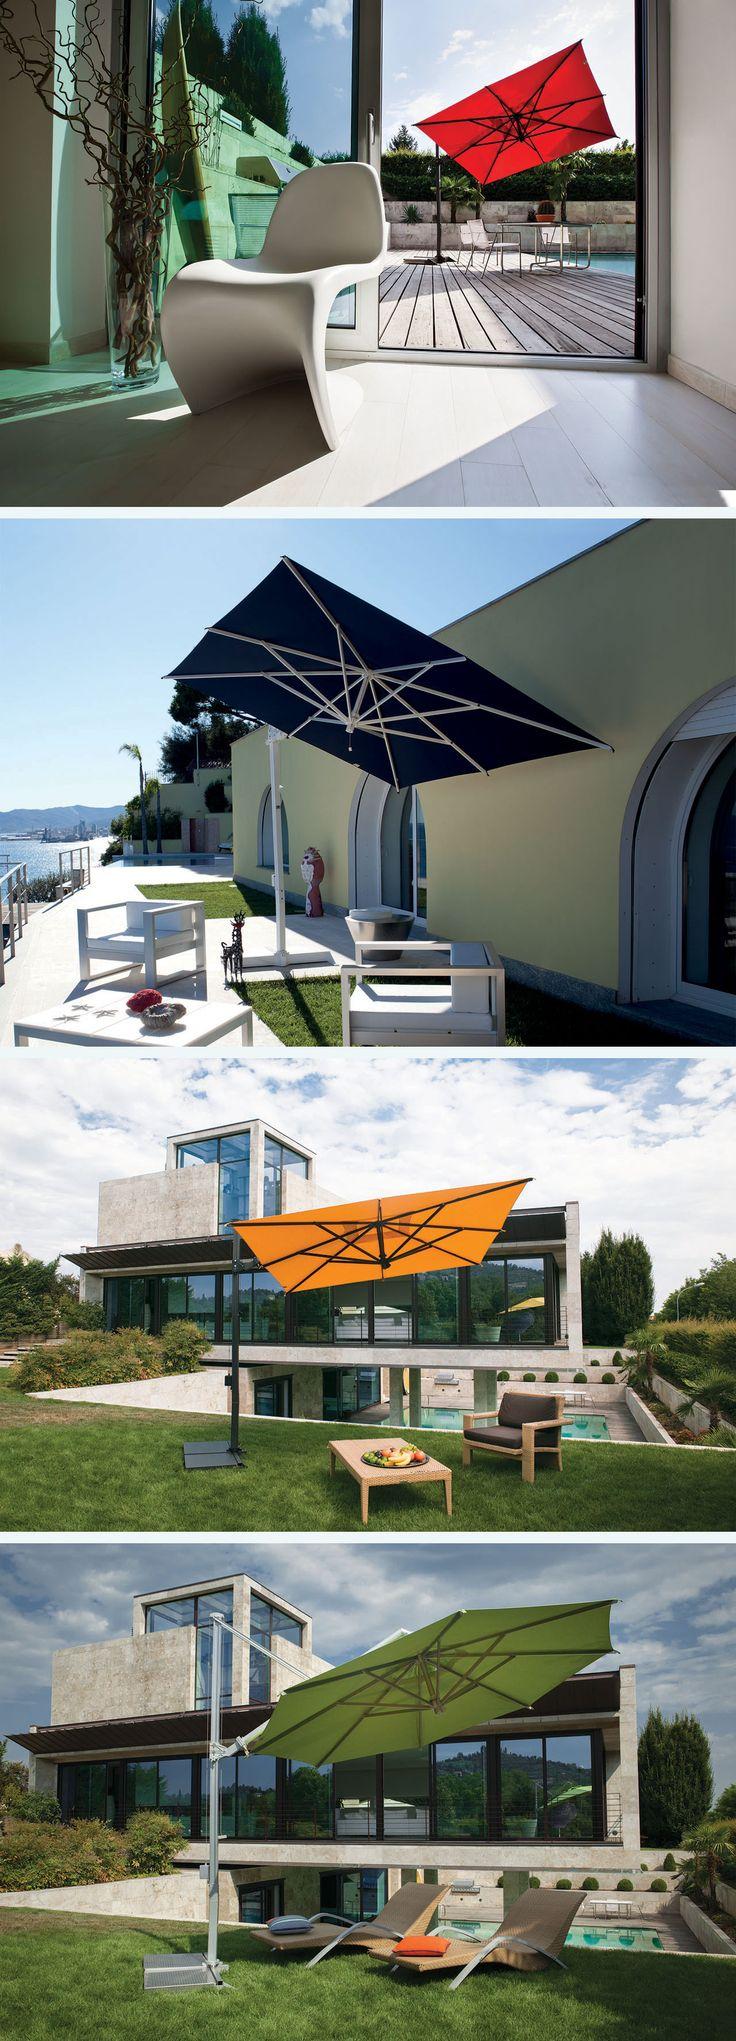 Ombrellone Garda, retrattile, orientabile sia lateralmente che longitudinalmente. Made in Italy, produzione FIM. #umbrella #parasol #arredo #giardino